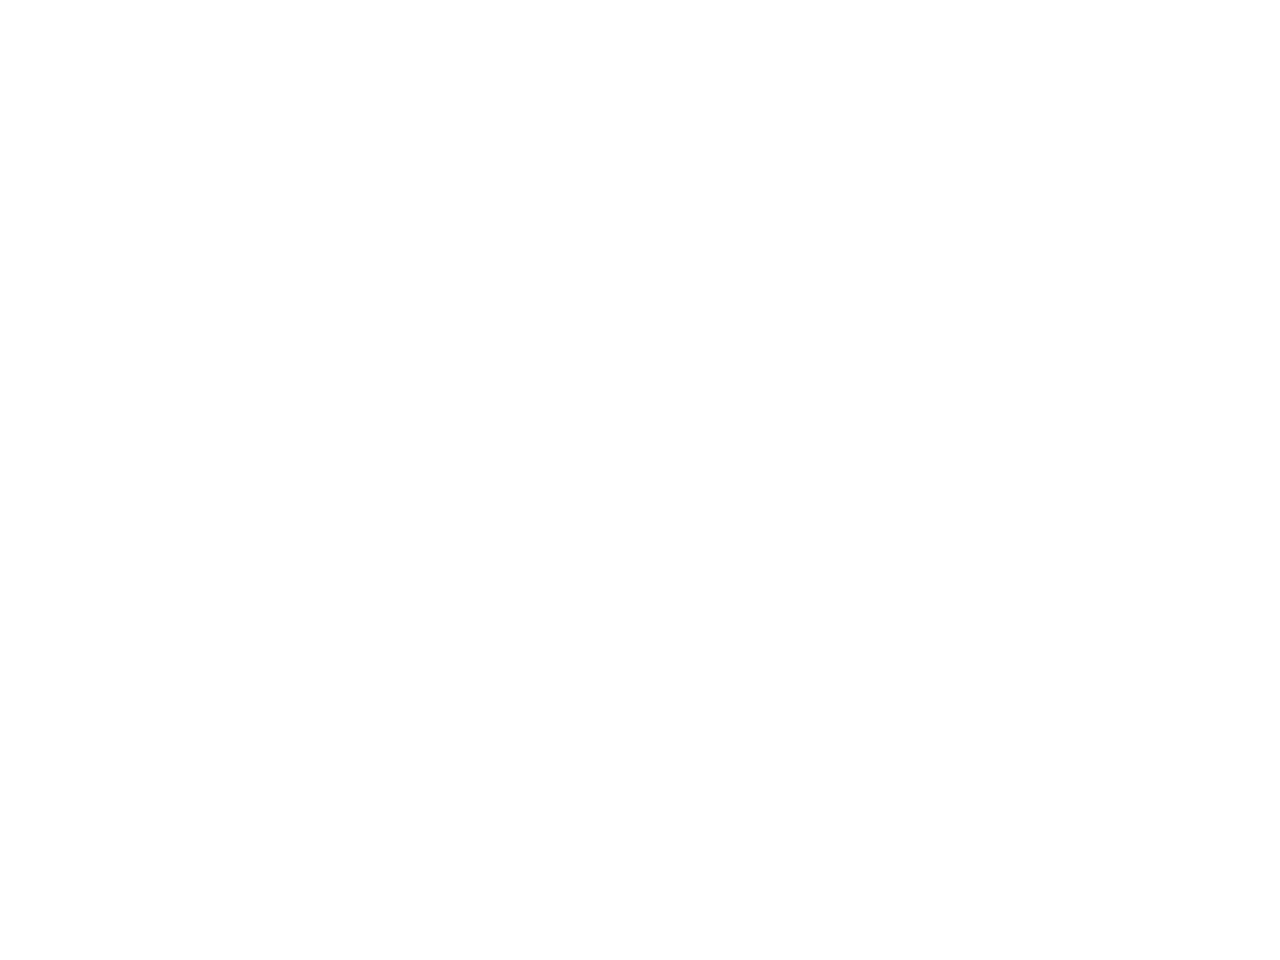 黑豹发卡网_发卡平台_自动发卡网截图